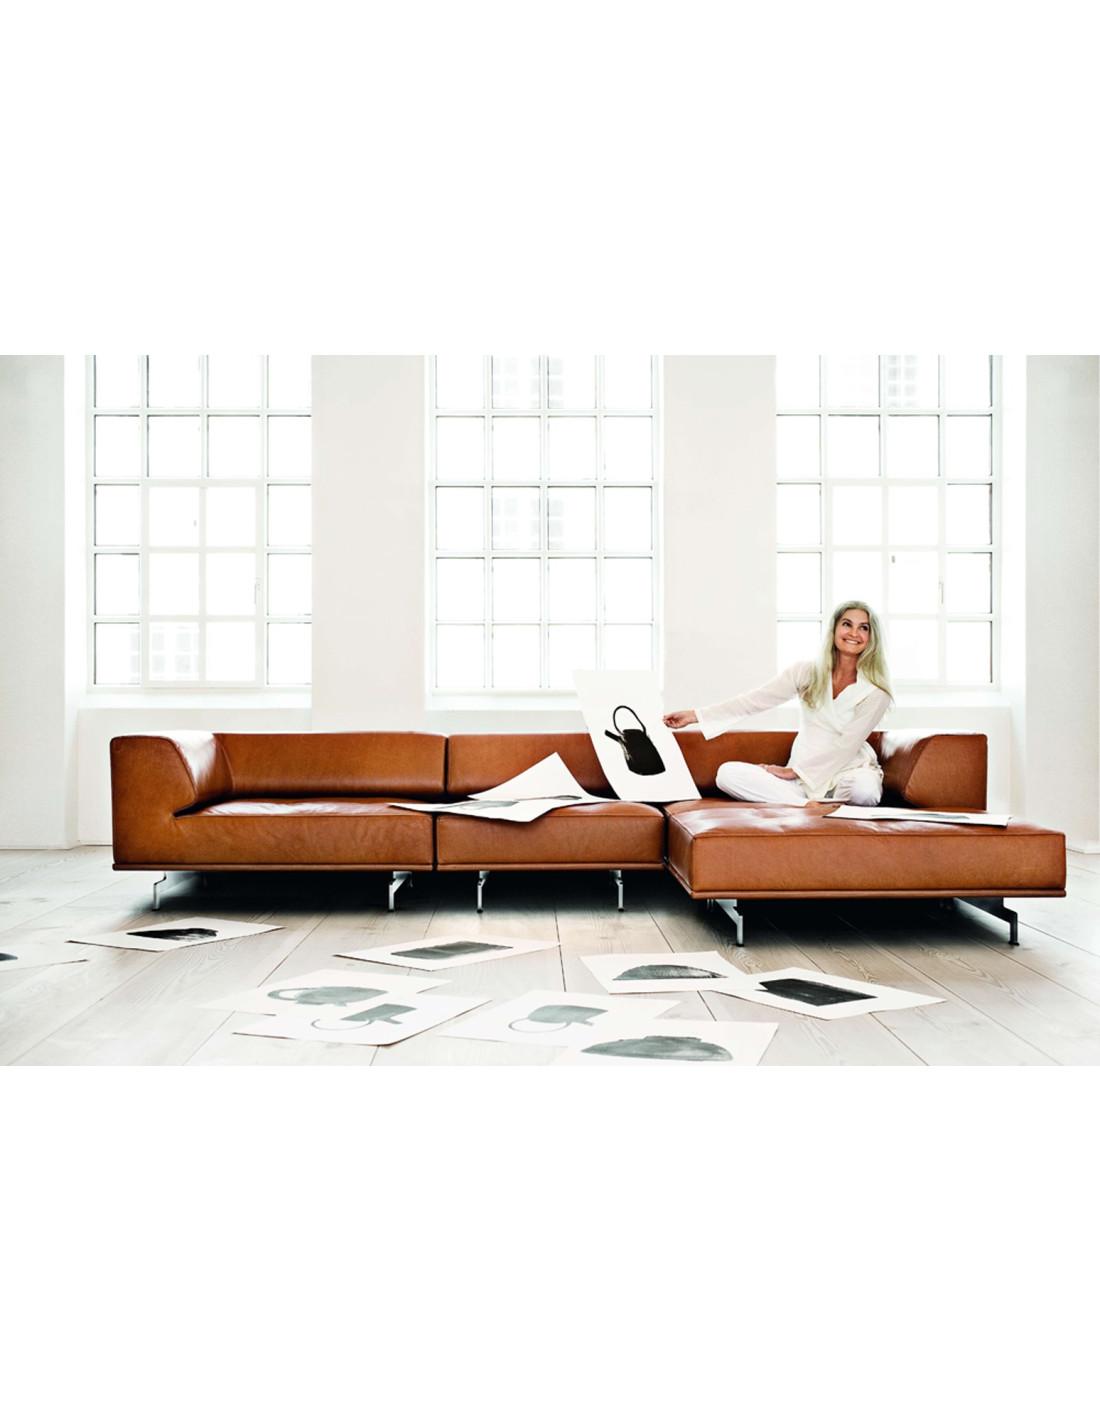 canap delphi de erik ole jorgensen la boutique danoise. Black Bedroom Furniture Sets. Home Design Ideas